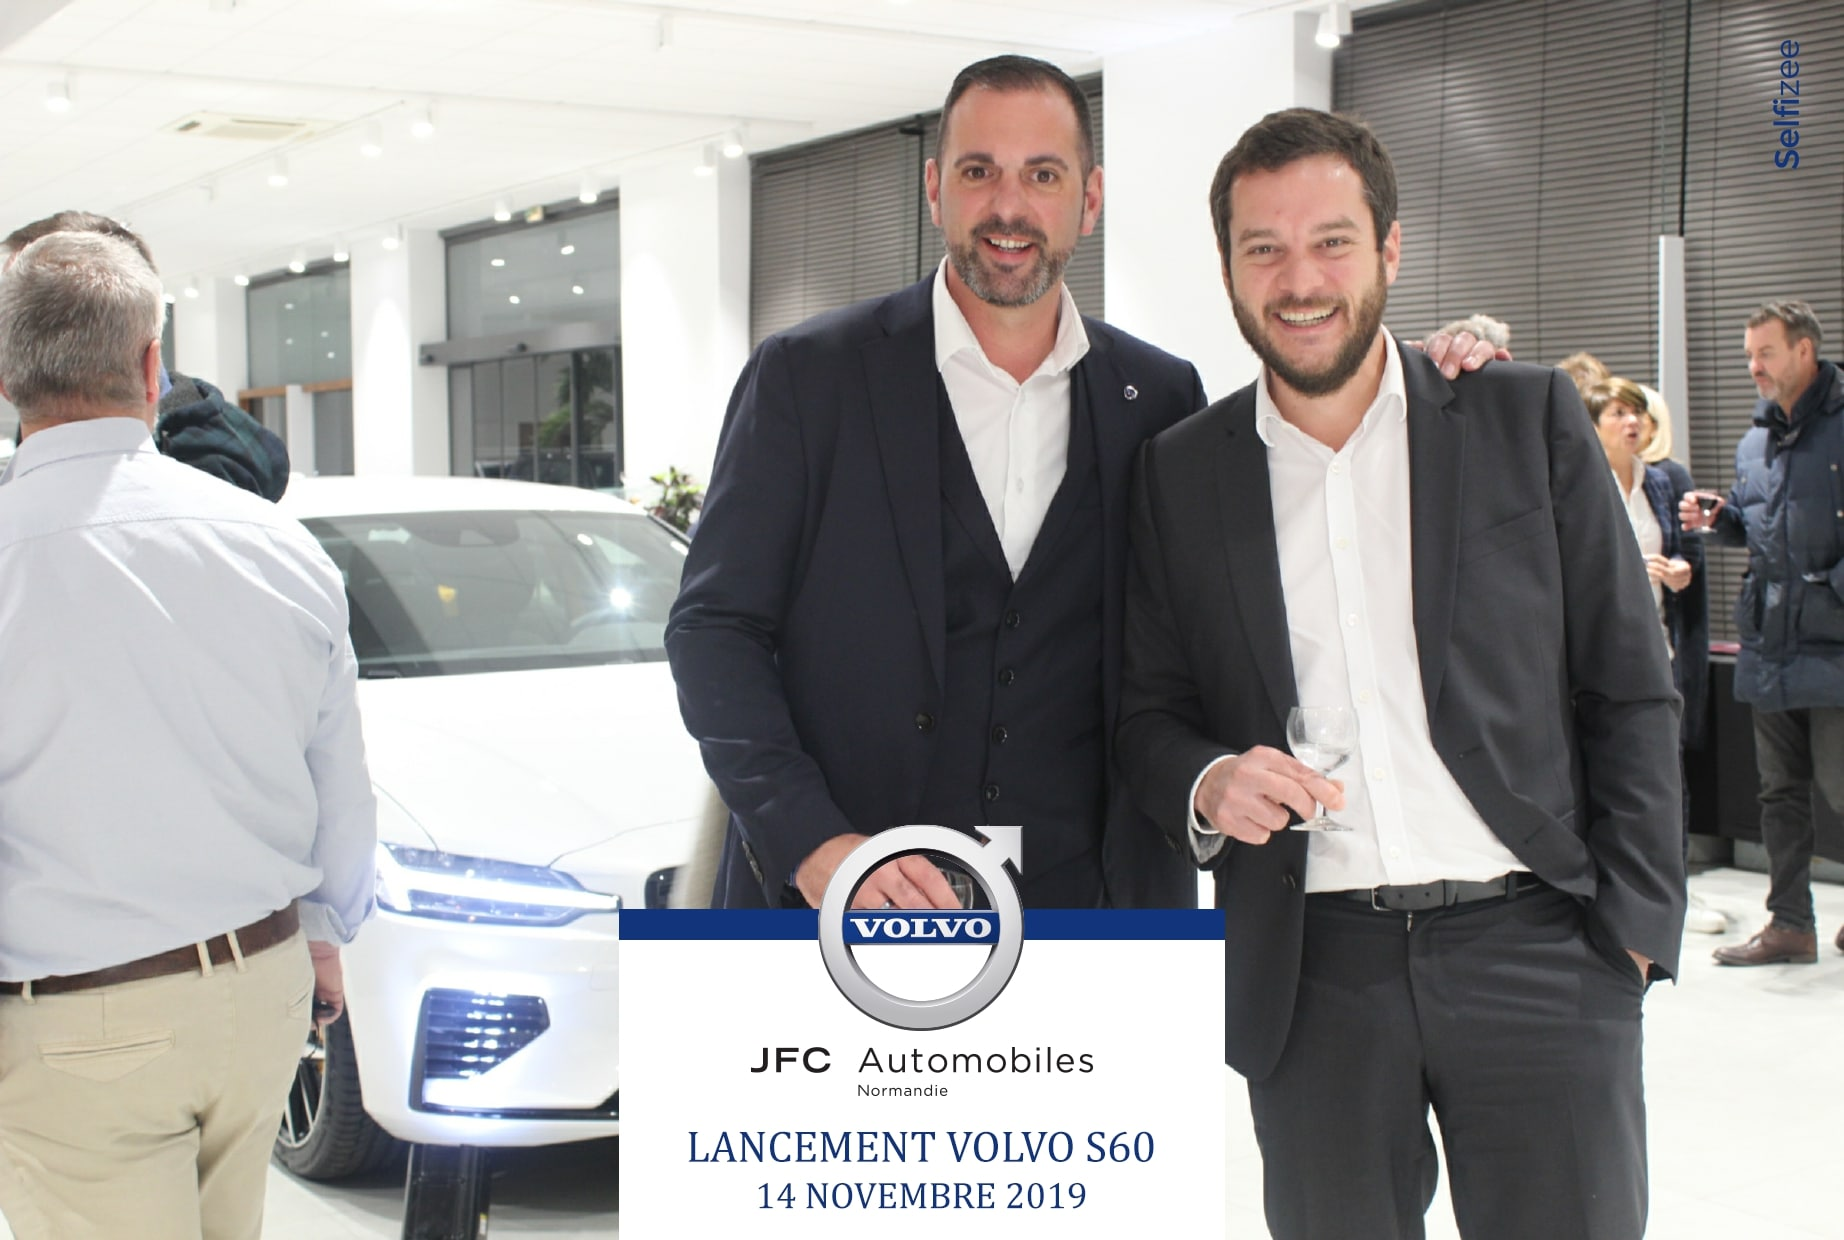 Borne photo pour animation lancement nouvelle voiture Volvo 2019 aux ventes VIP JFC Caen avec selfies des visiteurs et clients